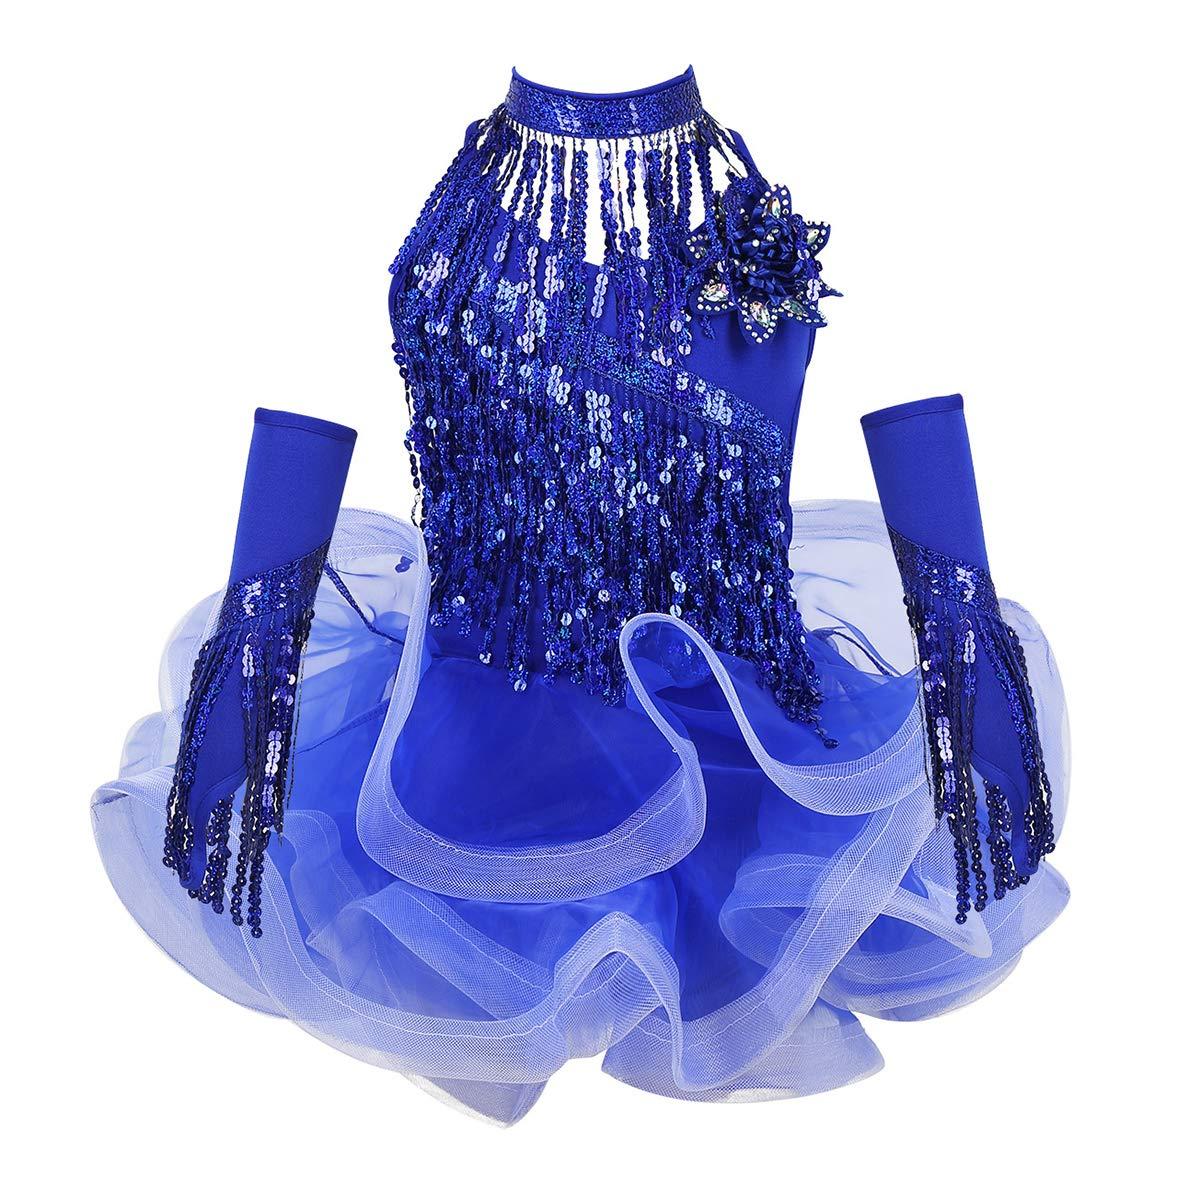 CHICTRY Vestido de Lat/ín Ni/ñas 4Pcs Vestido de Tut/ú+Collar+Manguitas+Pantalones Cortos Body Baile con Lentejuelas 3-14 A/ños